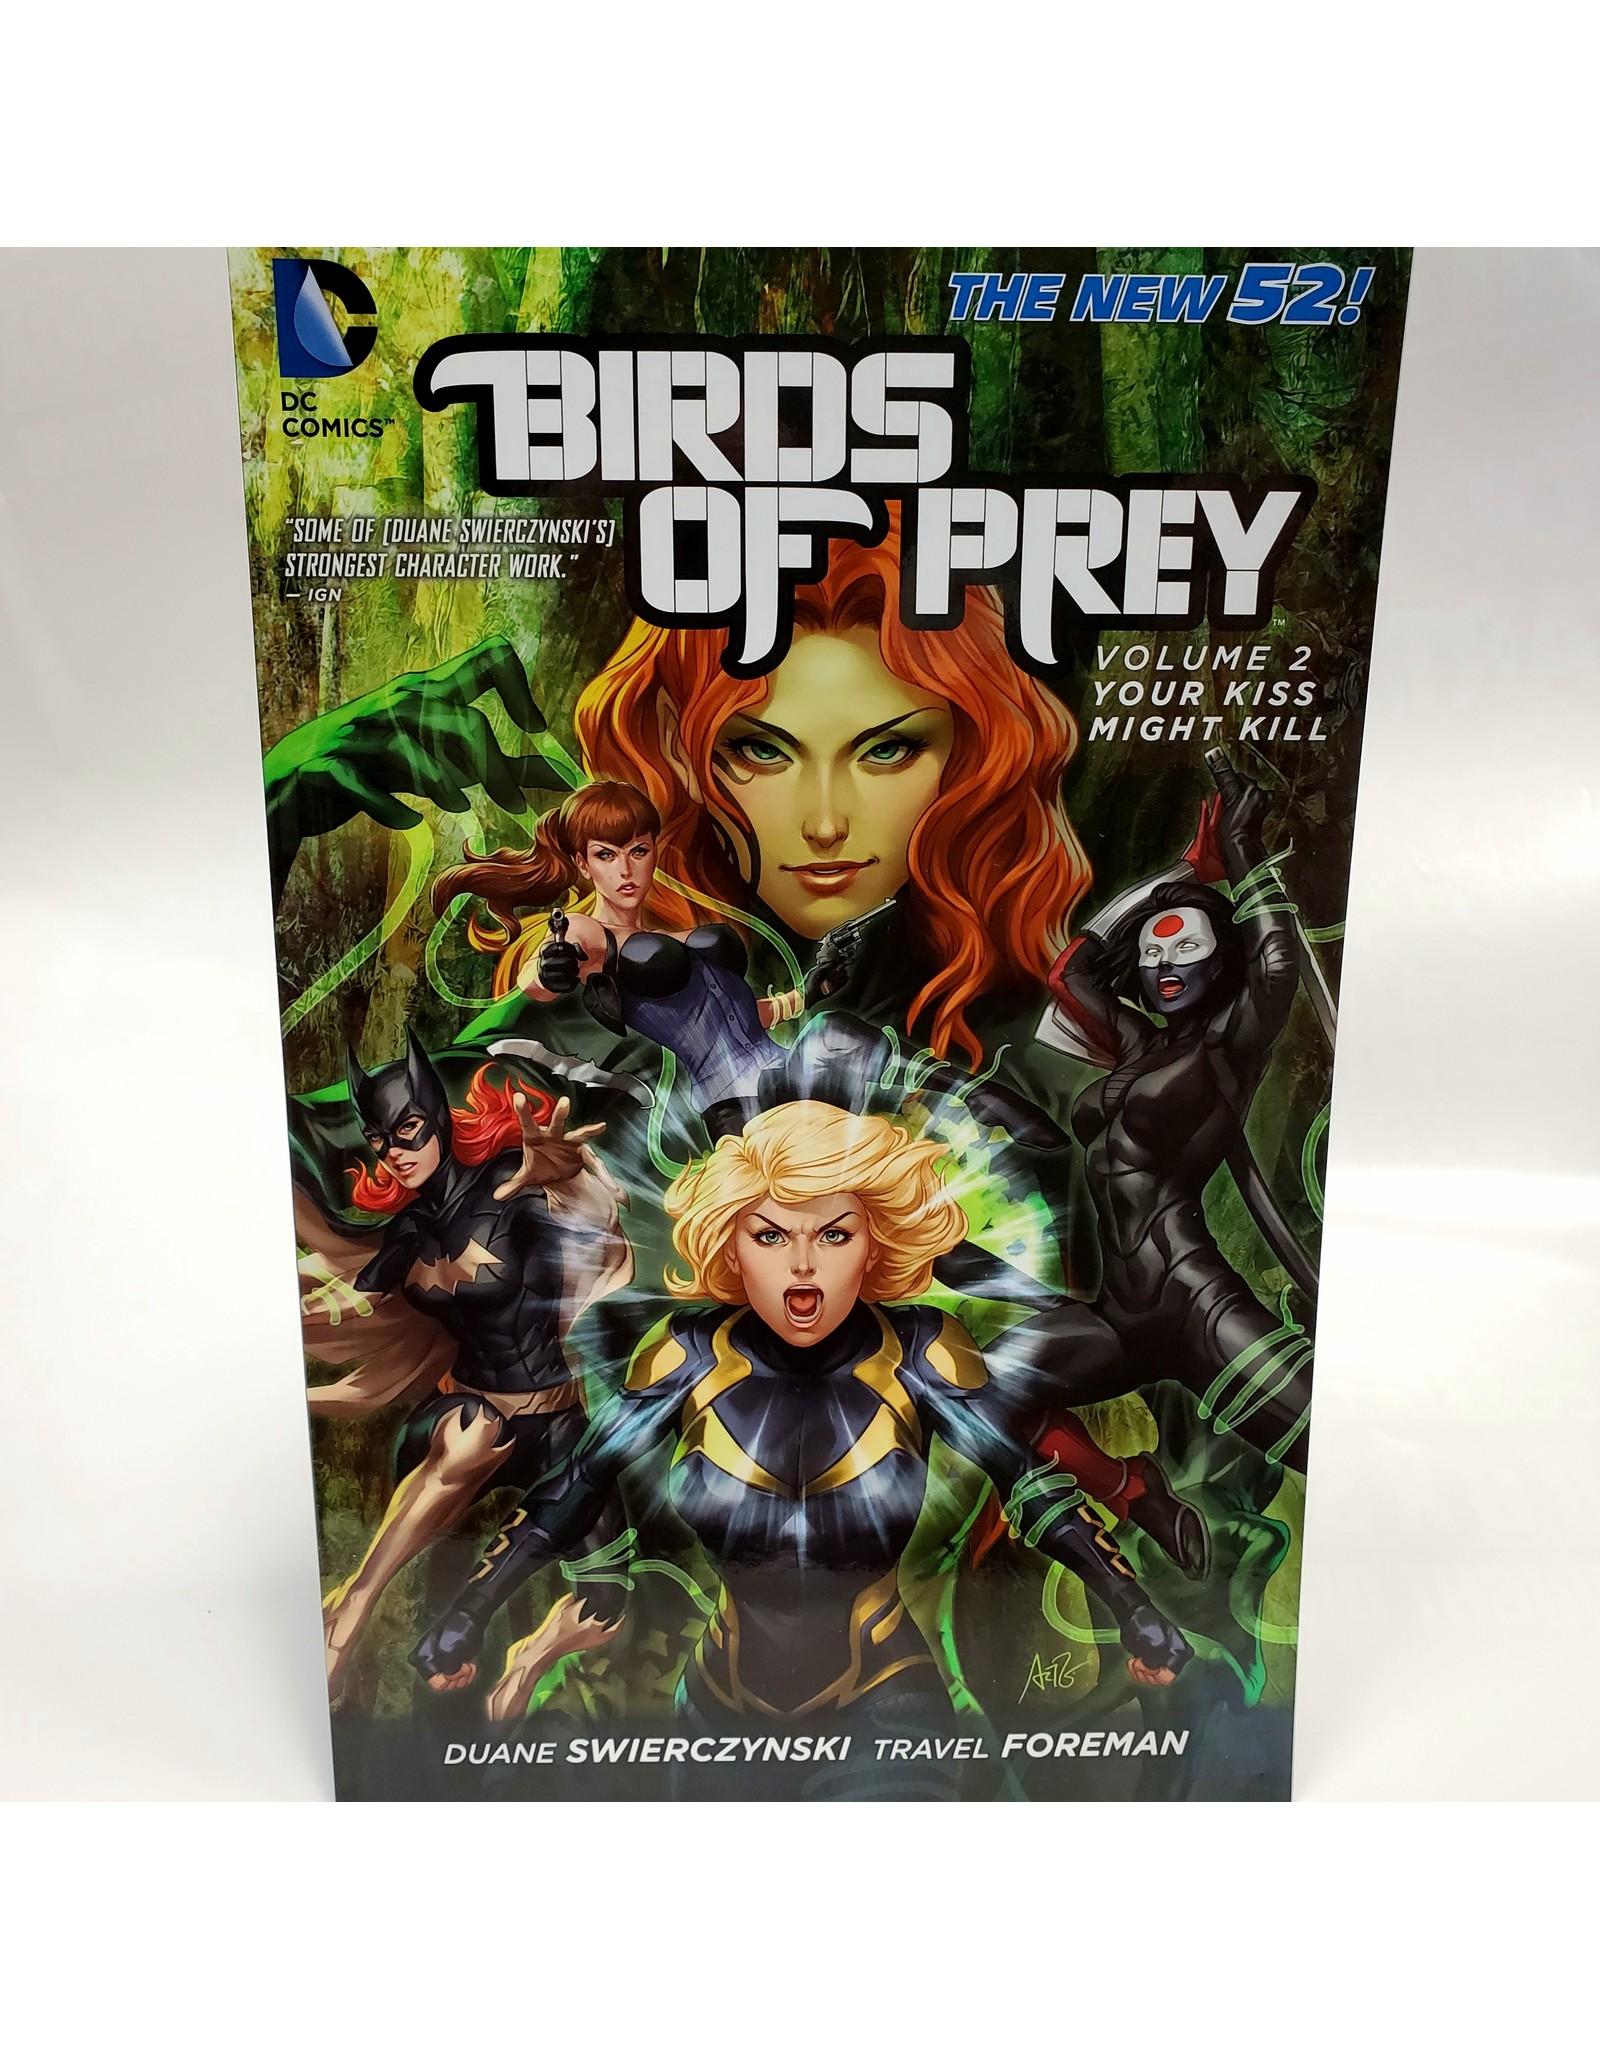 DC COMICS BIRDS OF PREY TP VOL 02 YOUR KISS MIGHT KILL